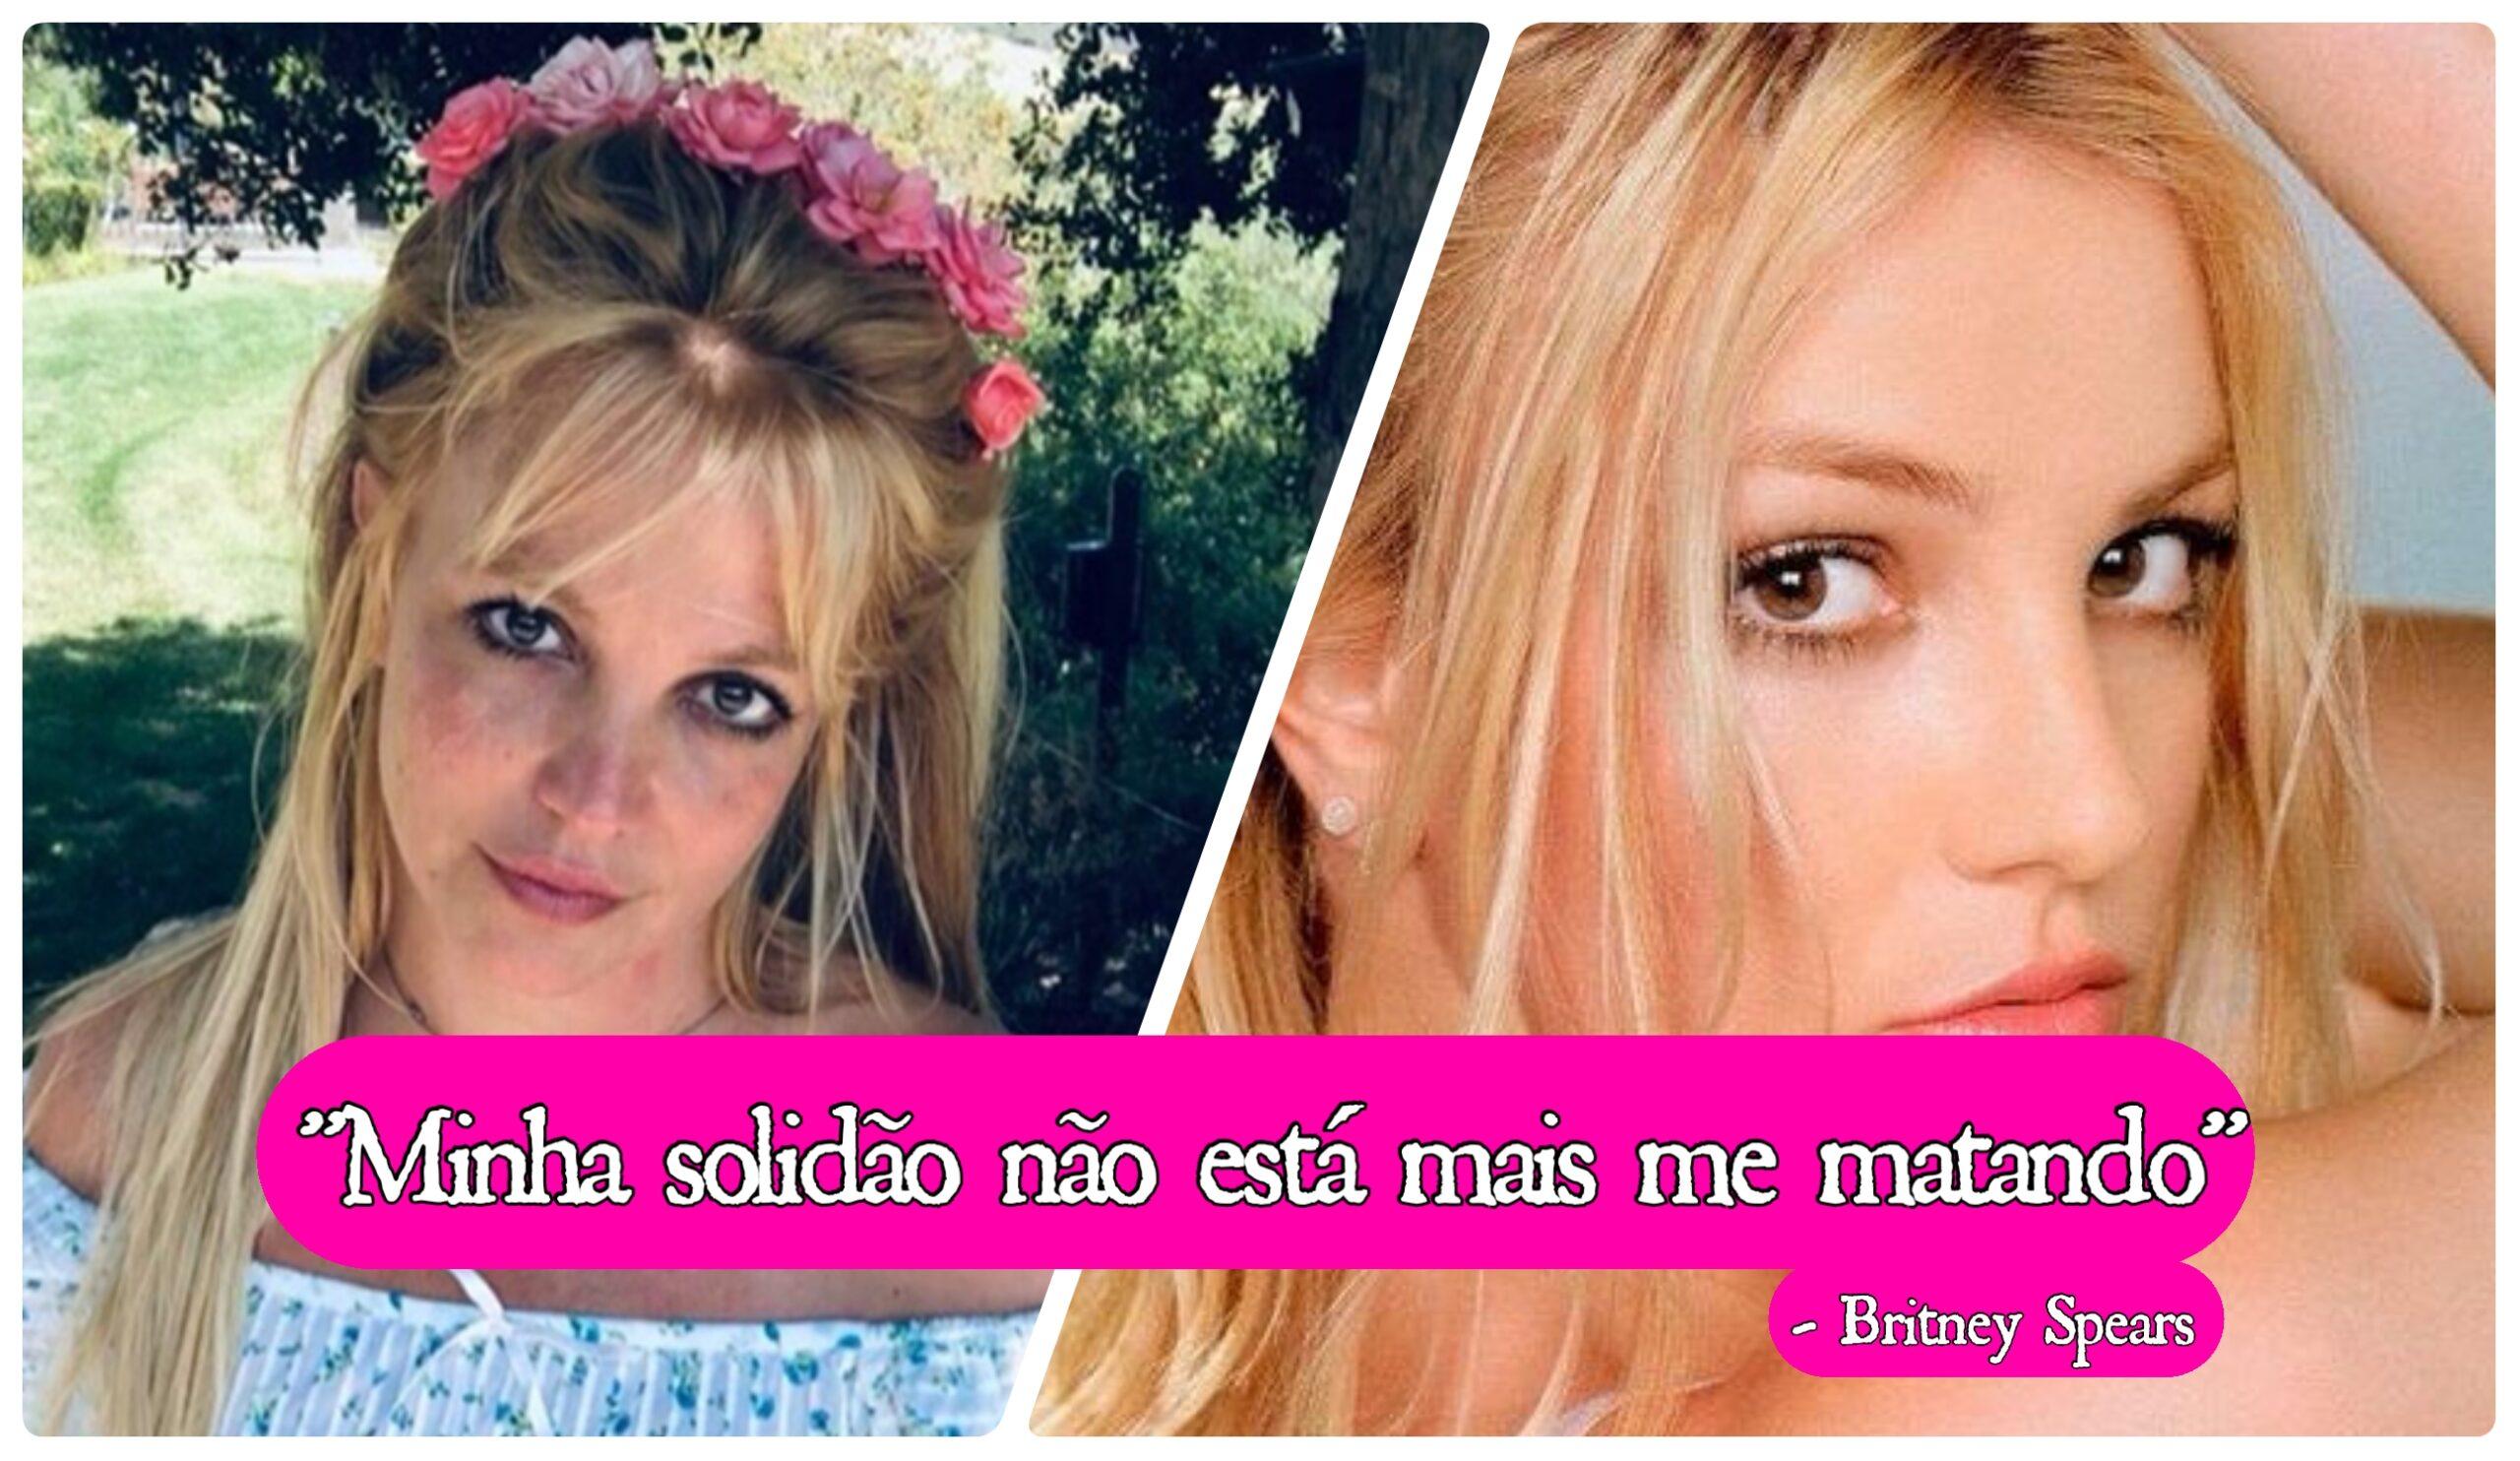 Foto e frase citada por Britney Spears.